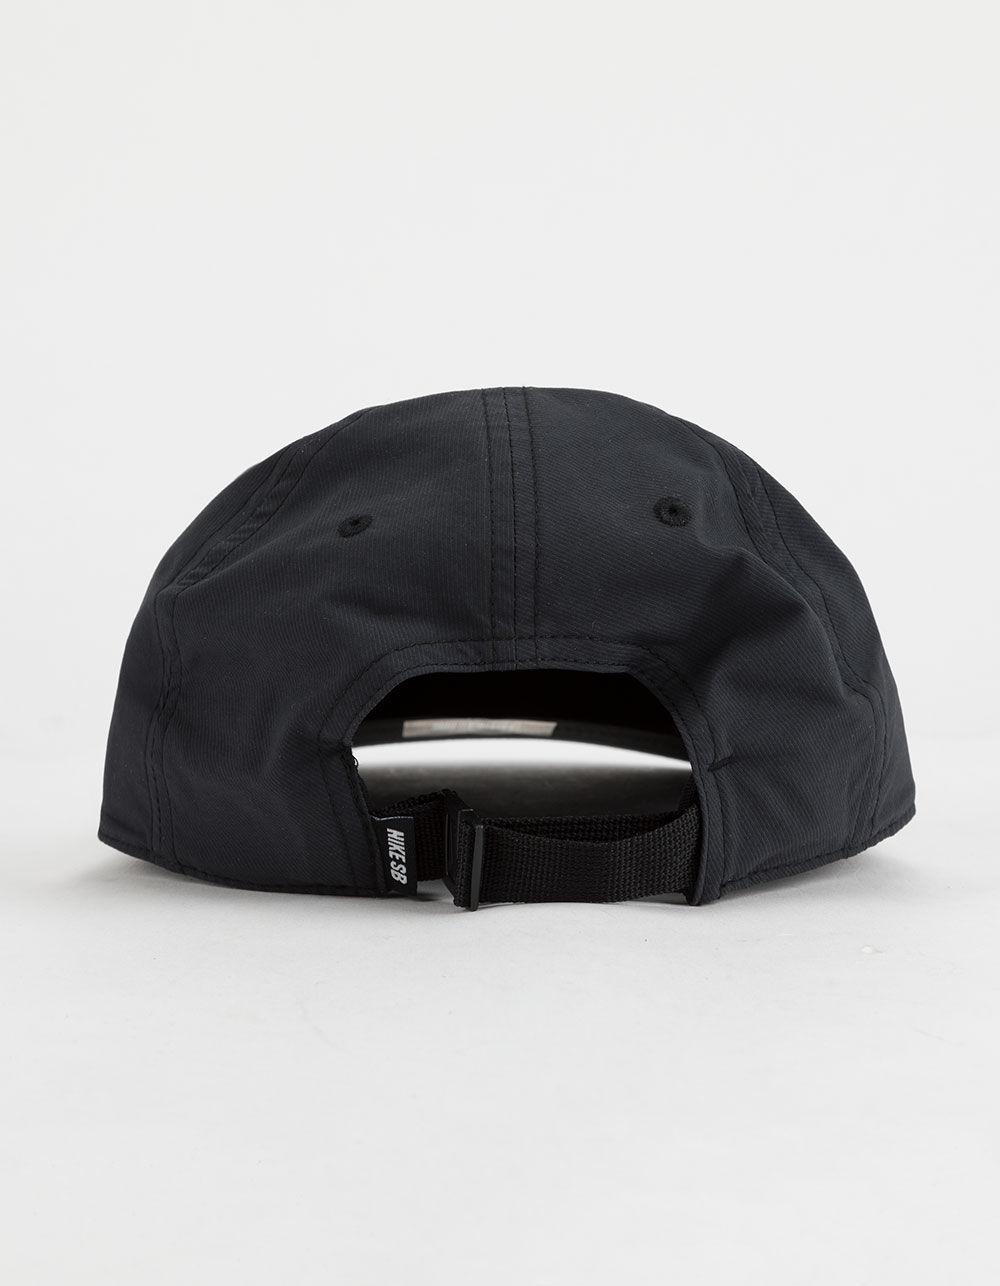 d709fcc0410d9 Nike Dri-fit Heritage 86 Flat Black Mens Strapback Hat in Black - Lyst